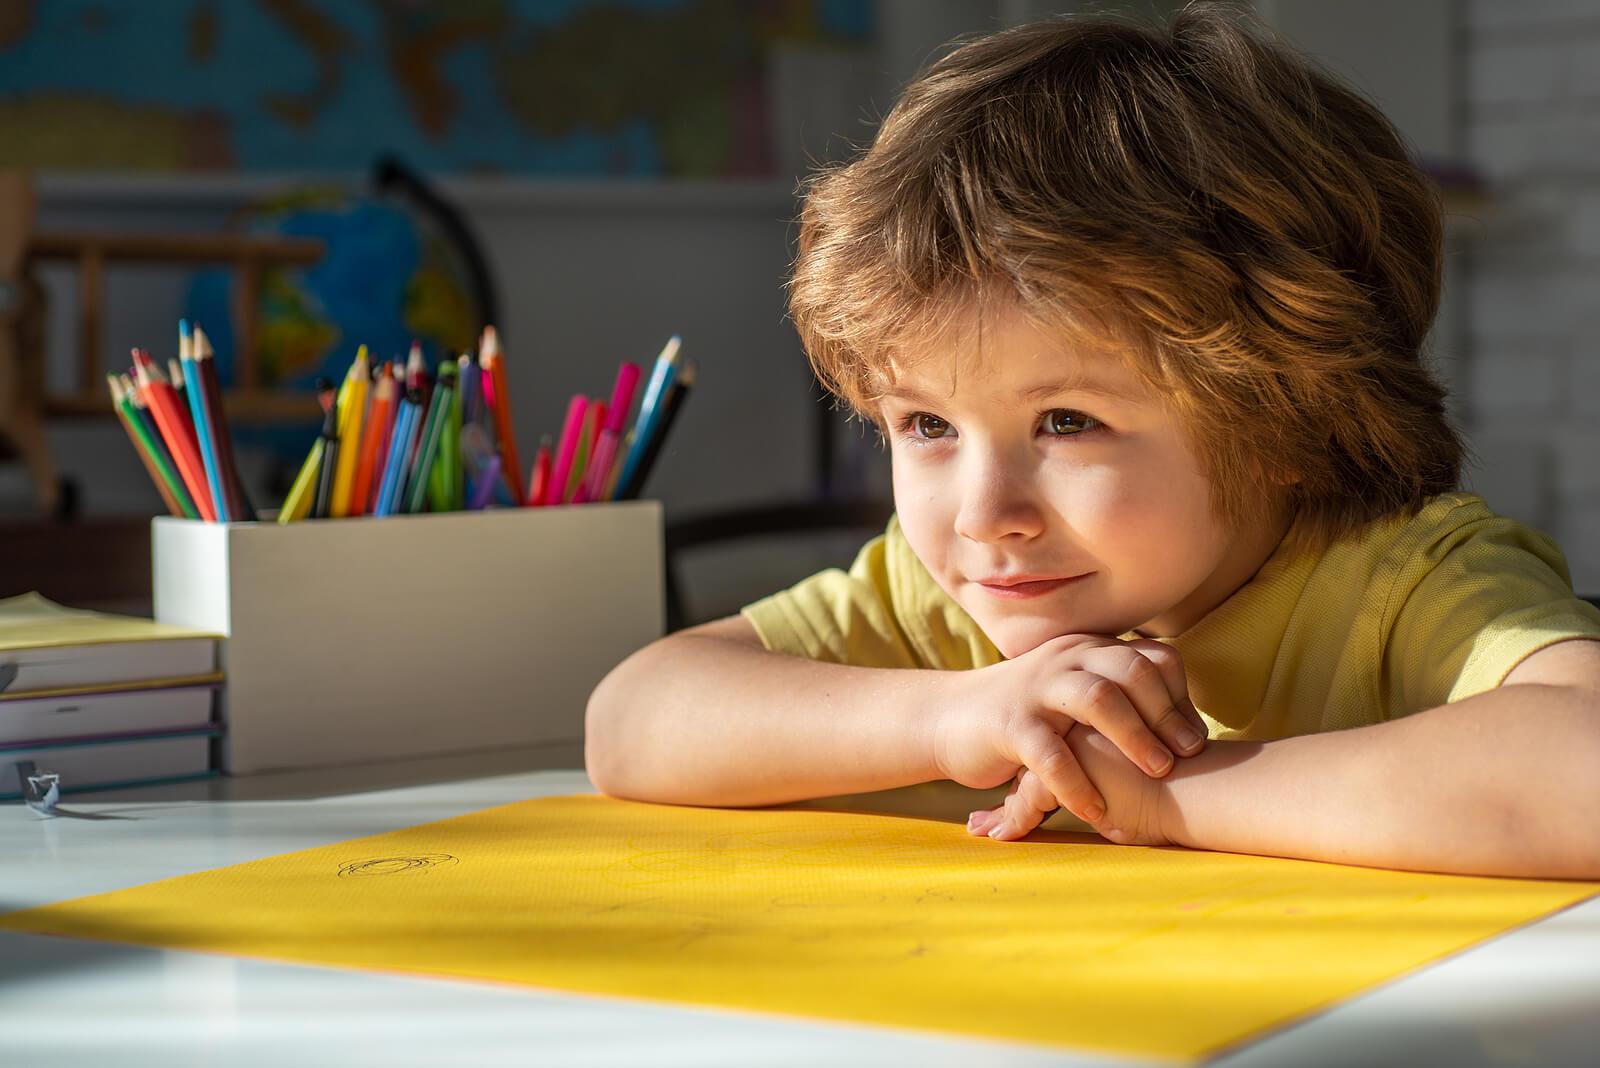 Niño haciendo sus deberes en casa gracias a los métodos de educación para ayudar a los hijos.